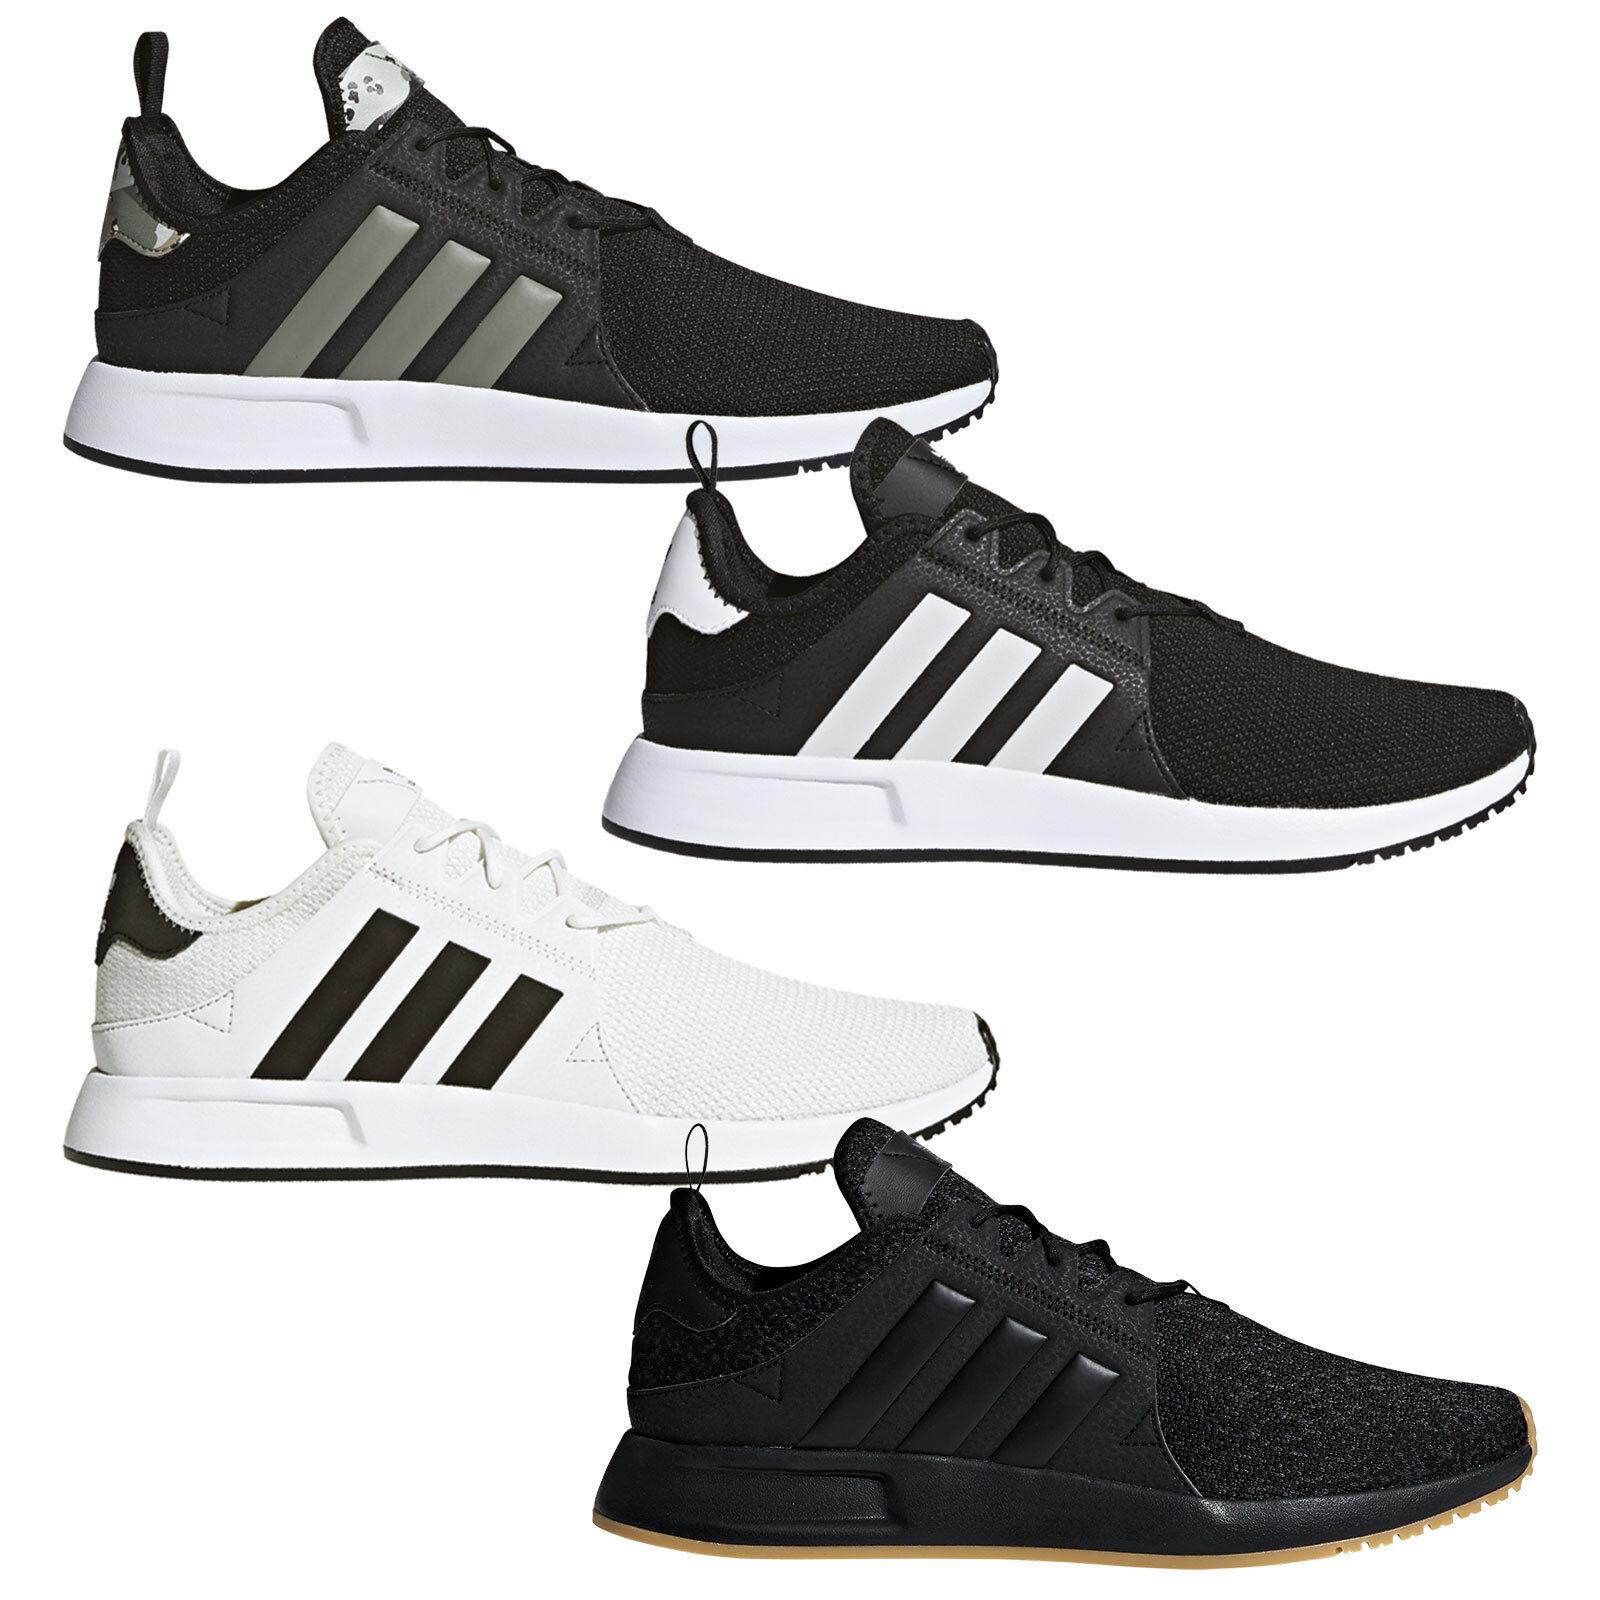 Adidas Originals caballeros-cortos x _ PLR Explorer zapatos zapatillas calzado deportivo nuevo